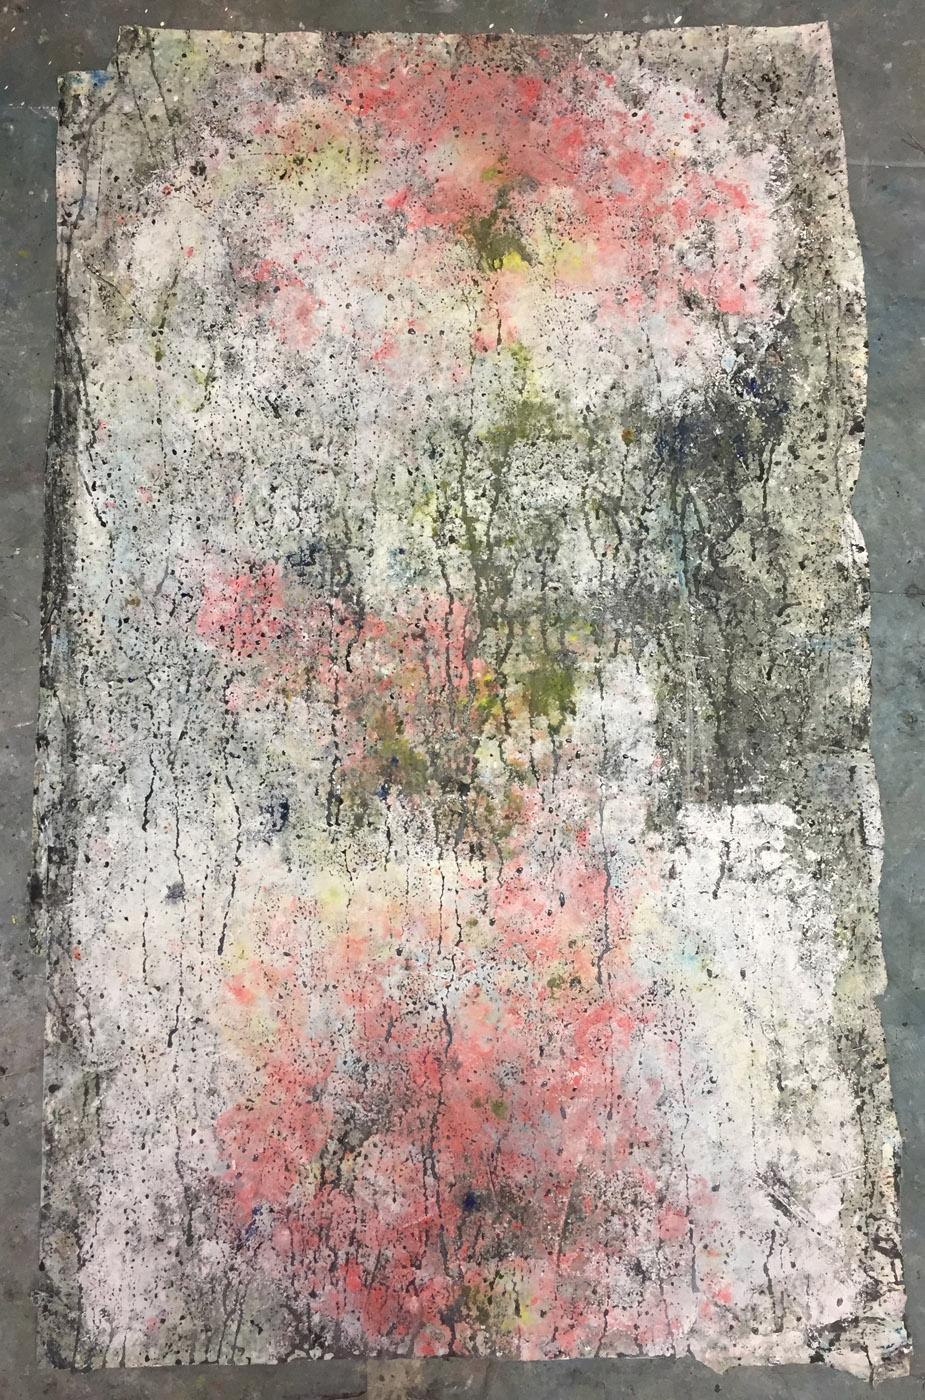 MARC FELD 2019 MEMORY TREE Huile, acrylique et pigment sur papier 100 x 60 b : 65 h cm